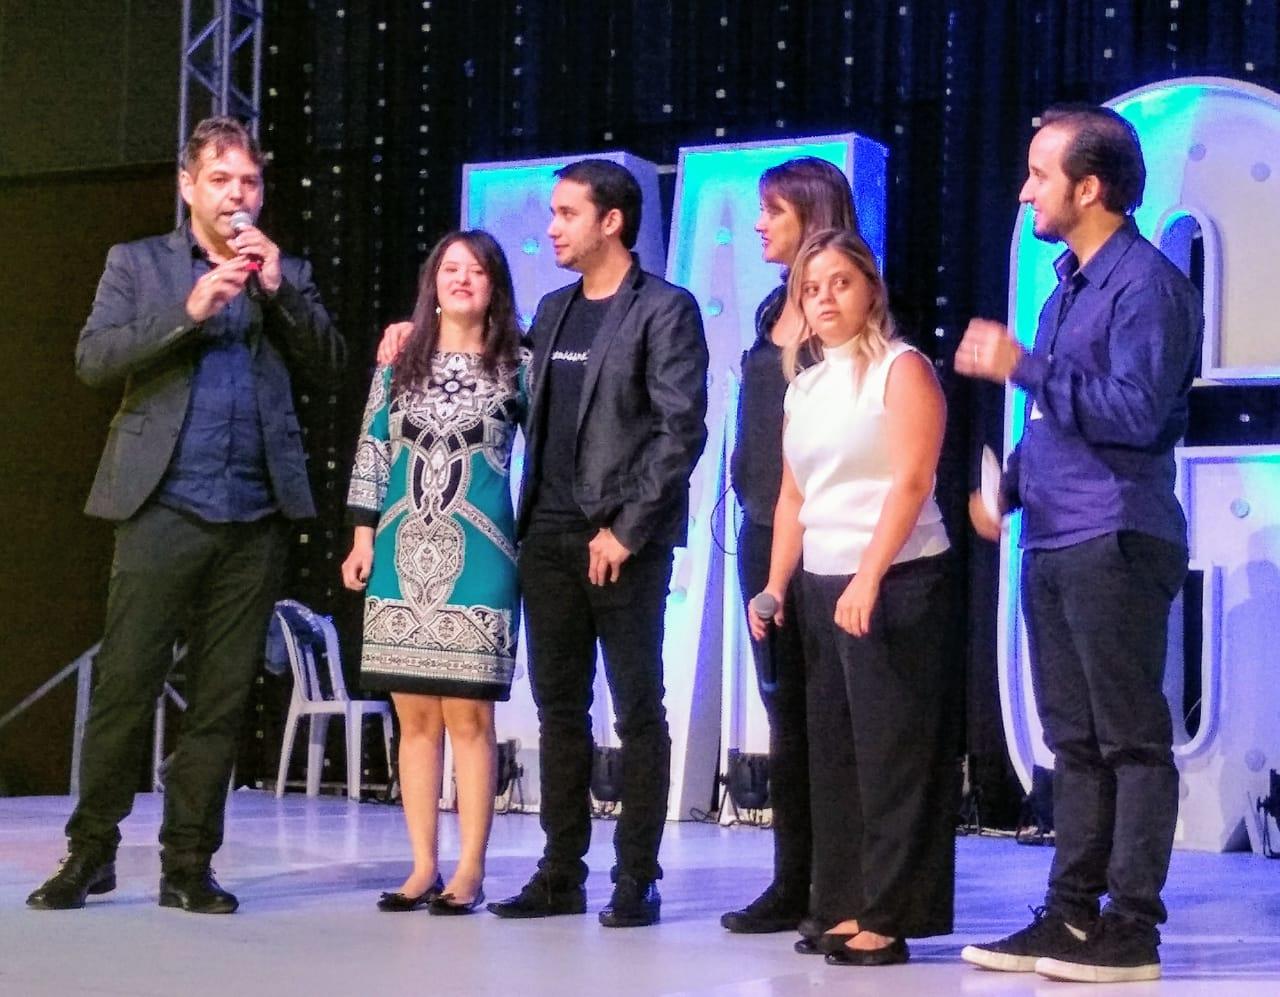 Em palco, homem fala ao microfone ao lado de outros dois homens e três mulheres.